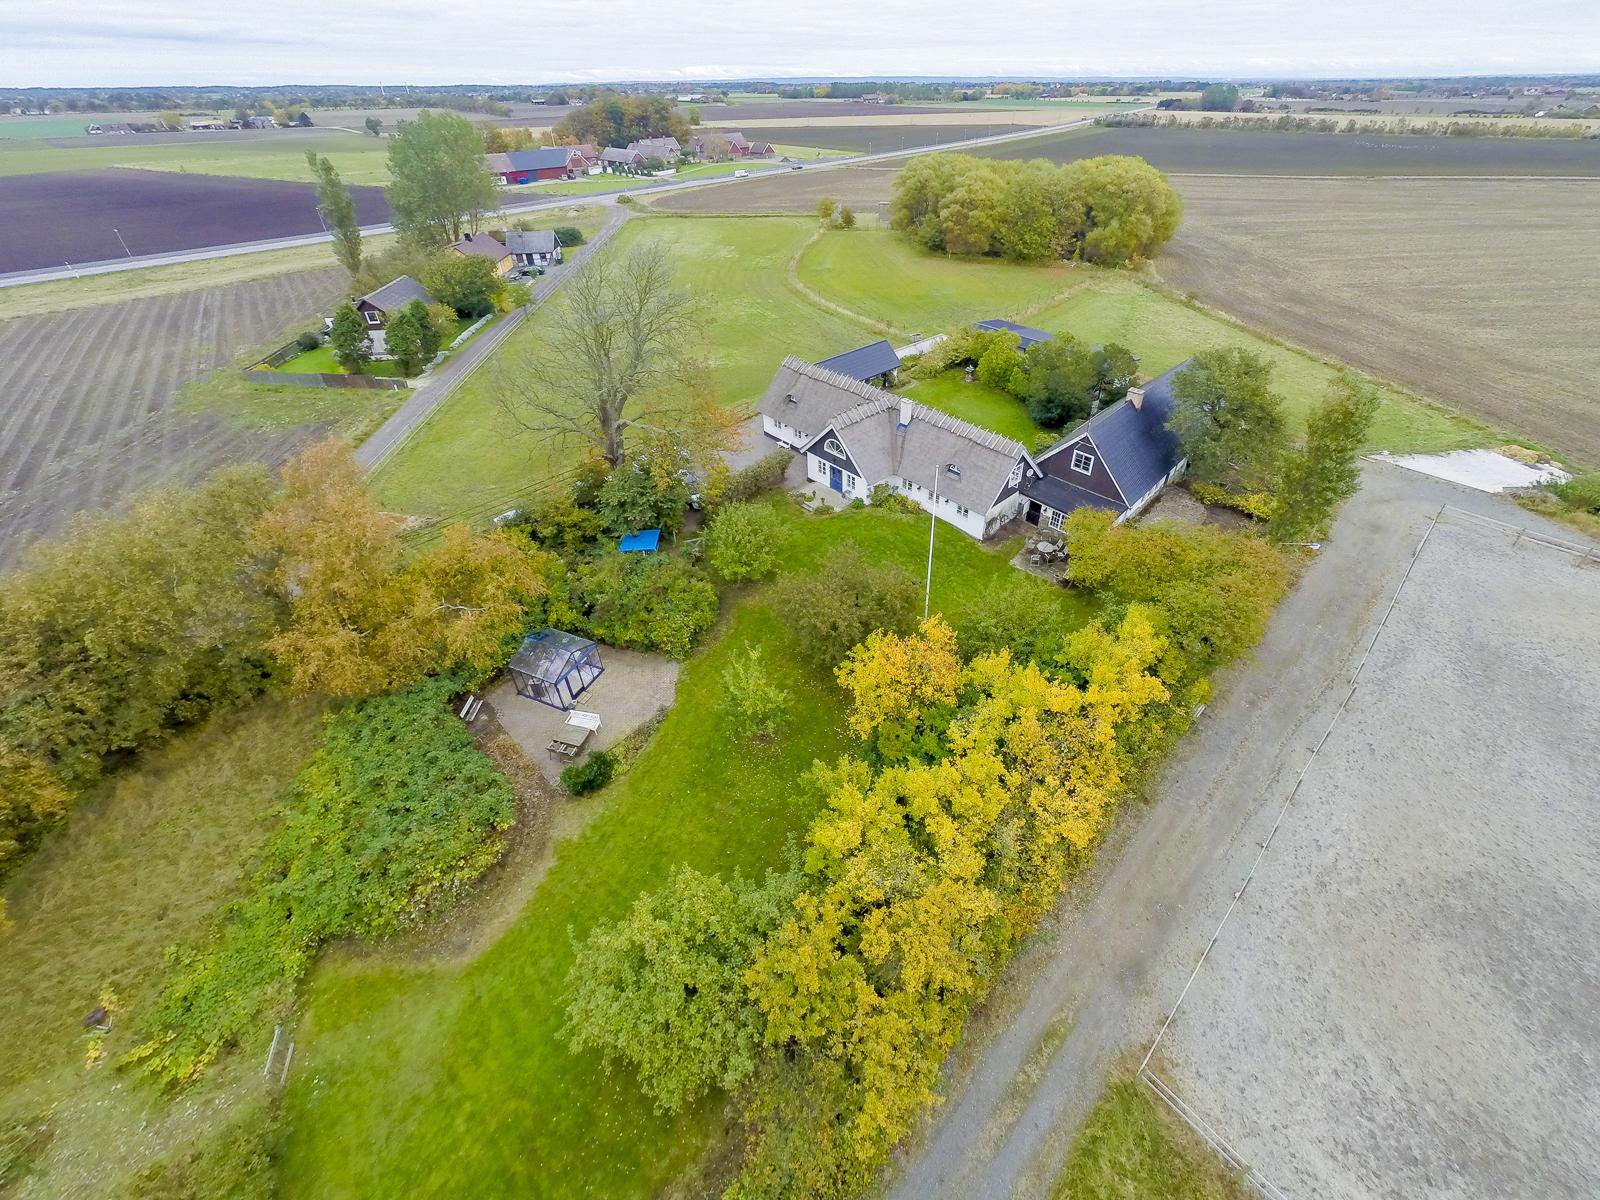 Single Family Home for Sale at Tågalyckan Tågalyckevägen 36 Other Skane, Skane 26391 Sweden